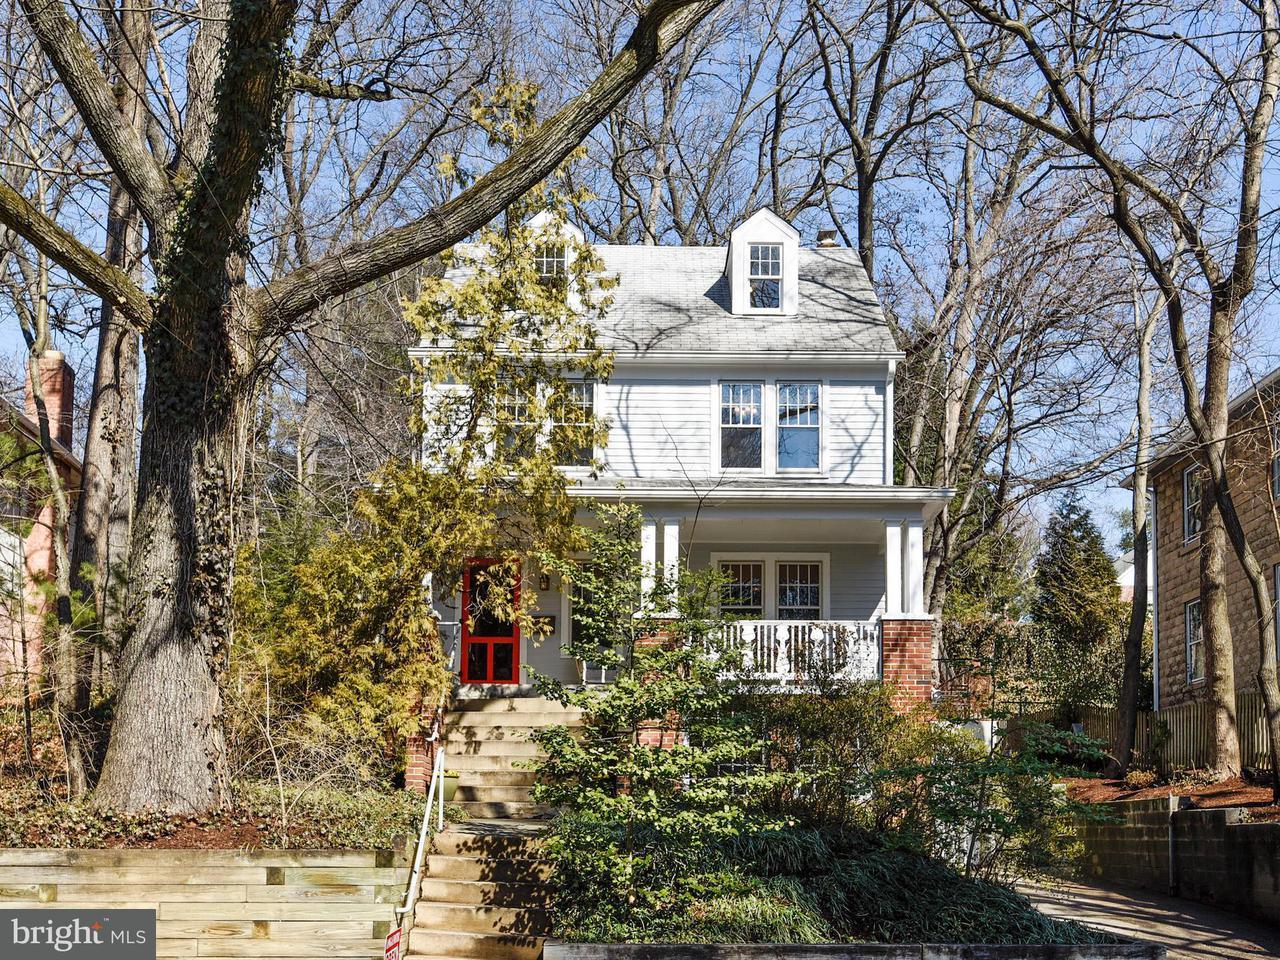 独户住宅 为 销售 在 305 Philadelphia Avenue 305 Philadelphia Avenue Takoma Park, 马里兰州 20912 美国